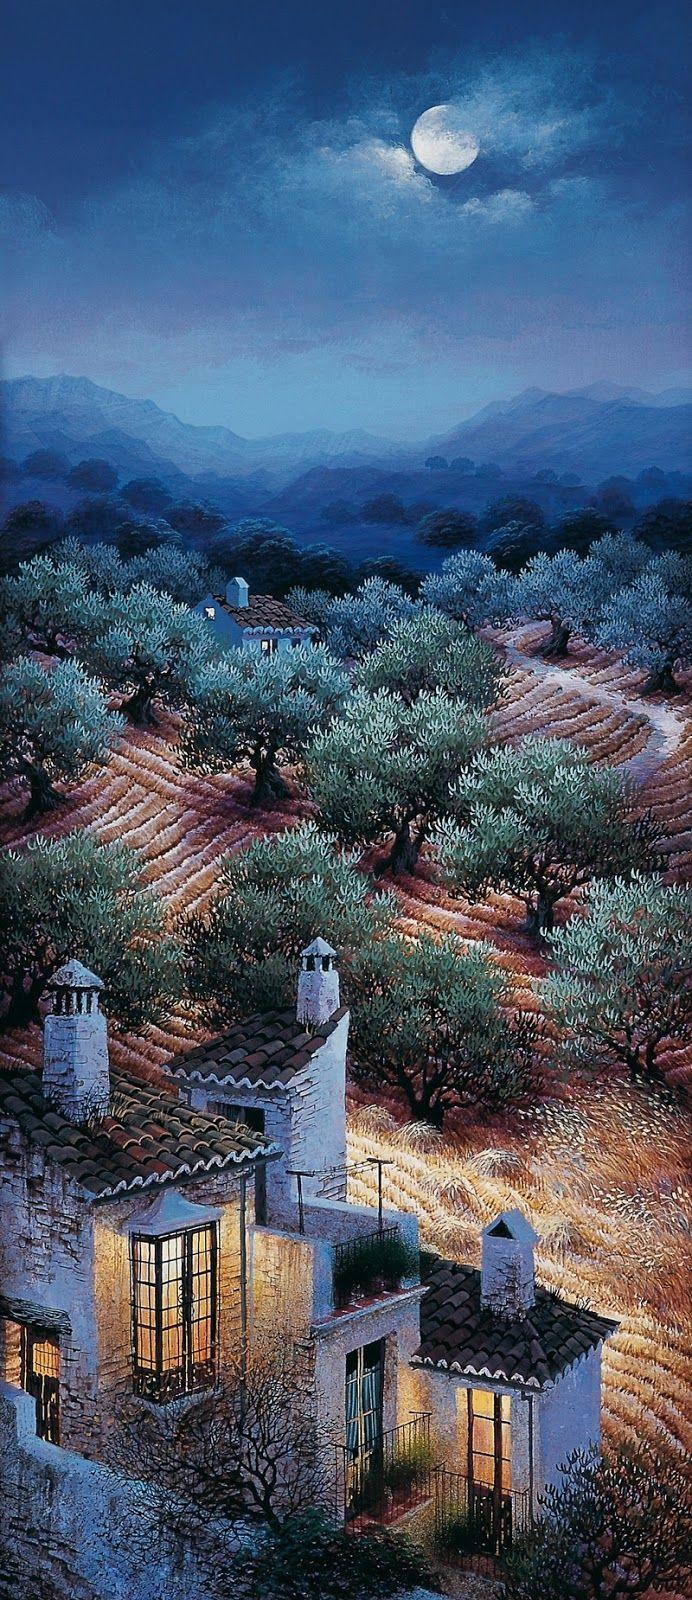 Luis Romero, 1948 ~ Spanish Spray Paint painter   Tutt'Art@   Pittura * Scultura * Poesia * Musica  